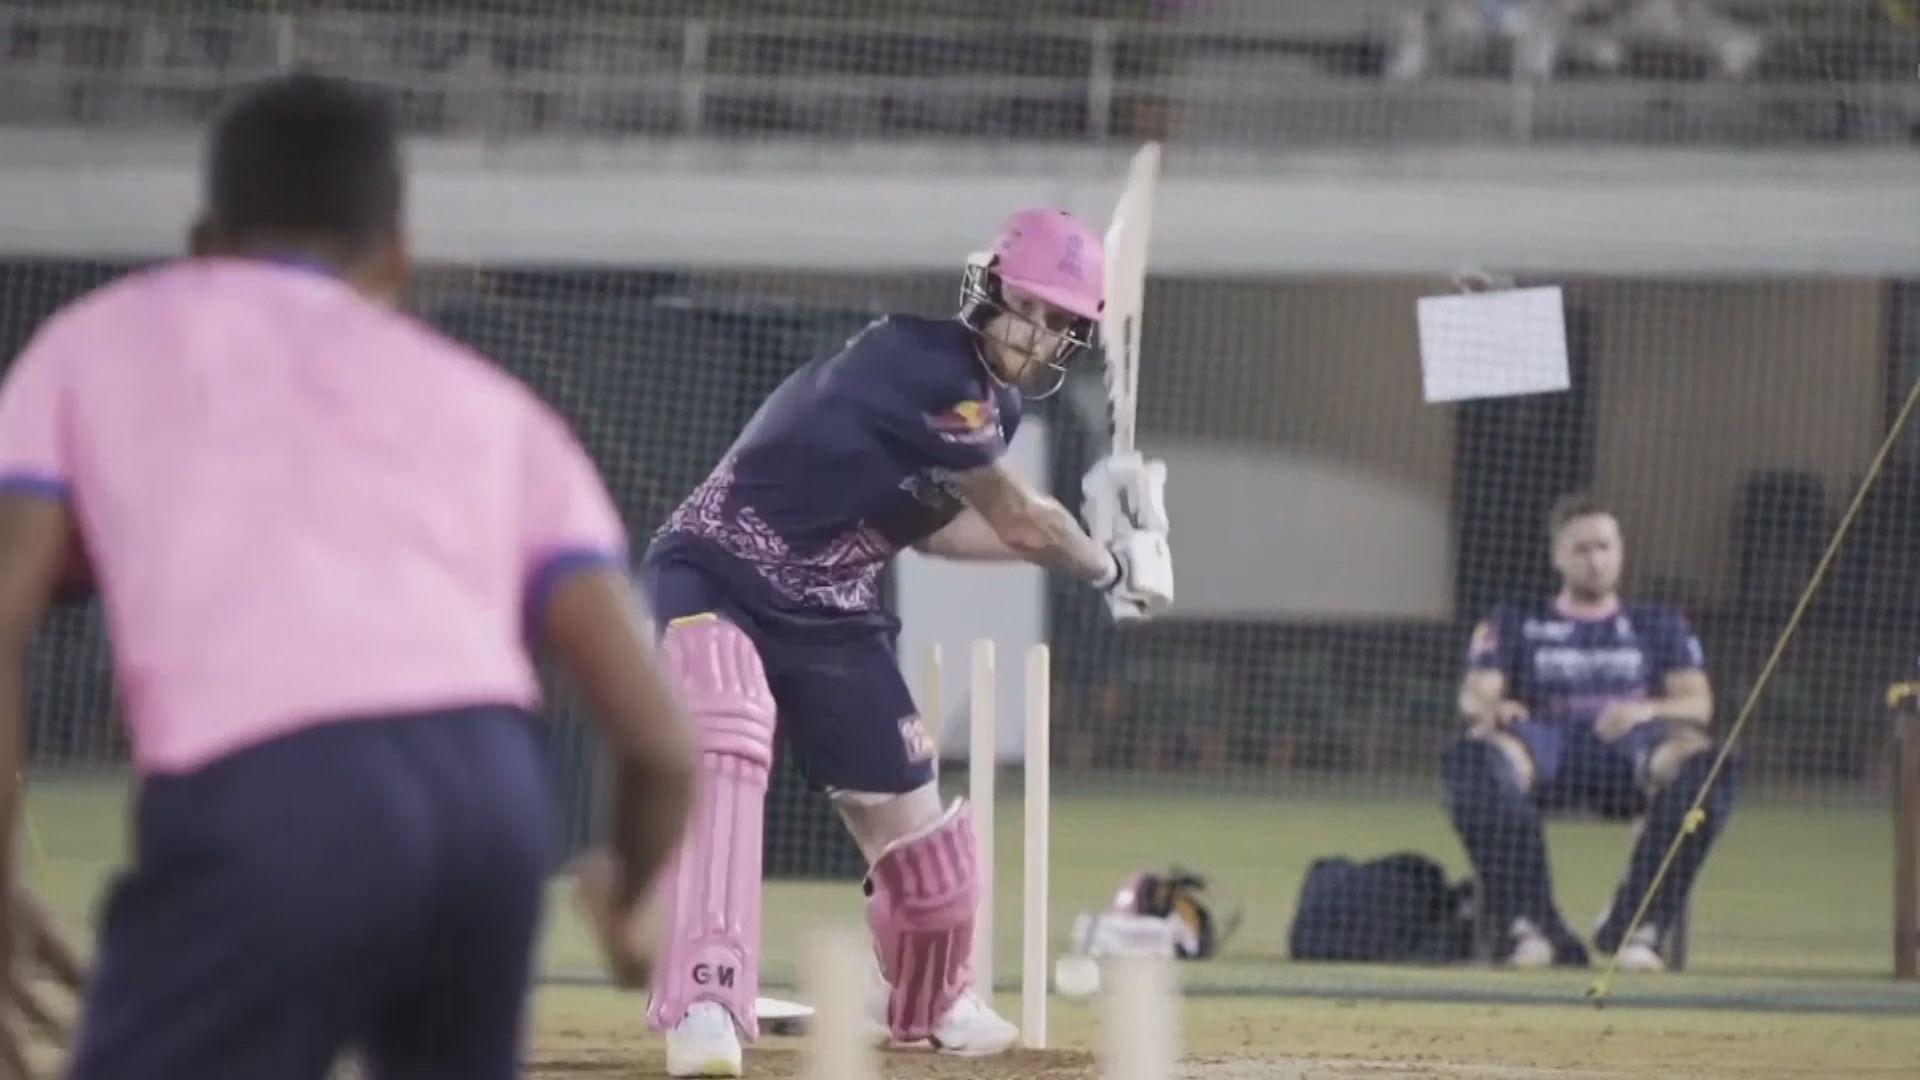 印度新冠海嘯持續嚴峻 板球聯賽無限期暫停